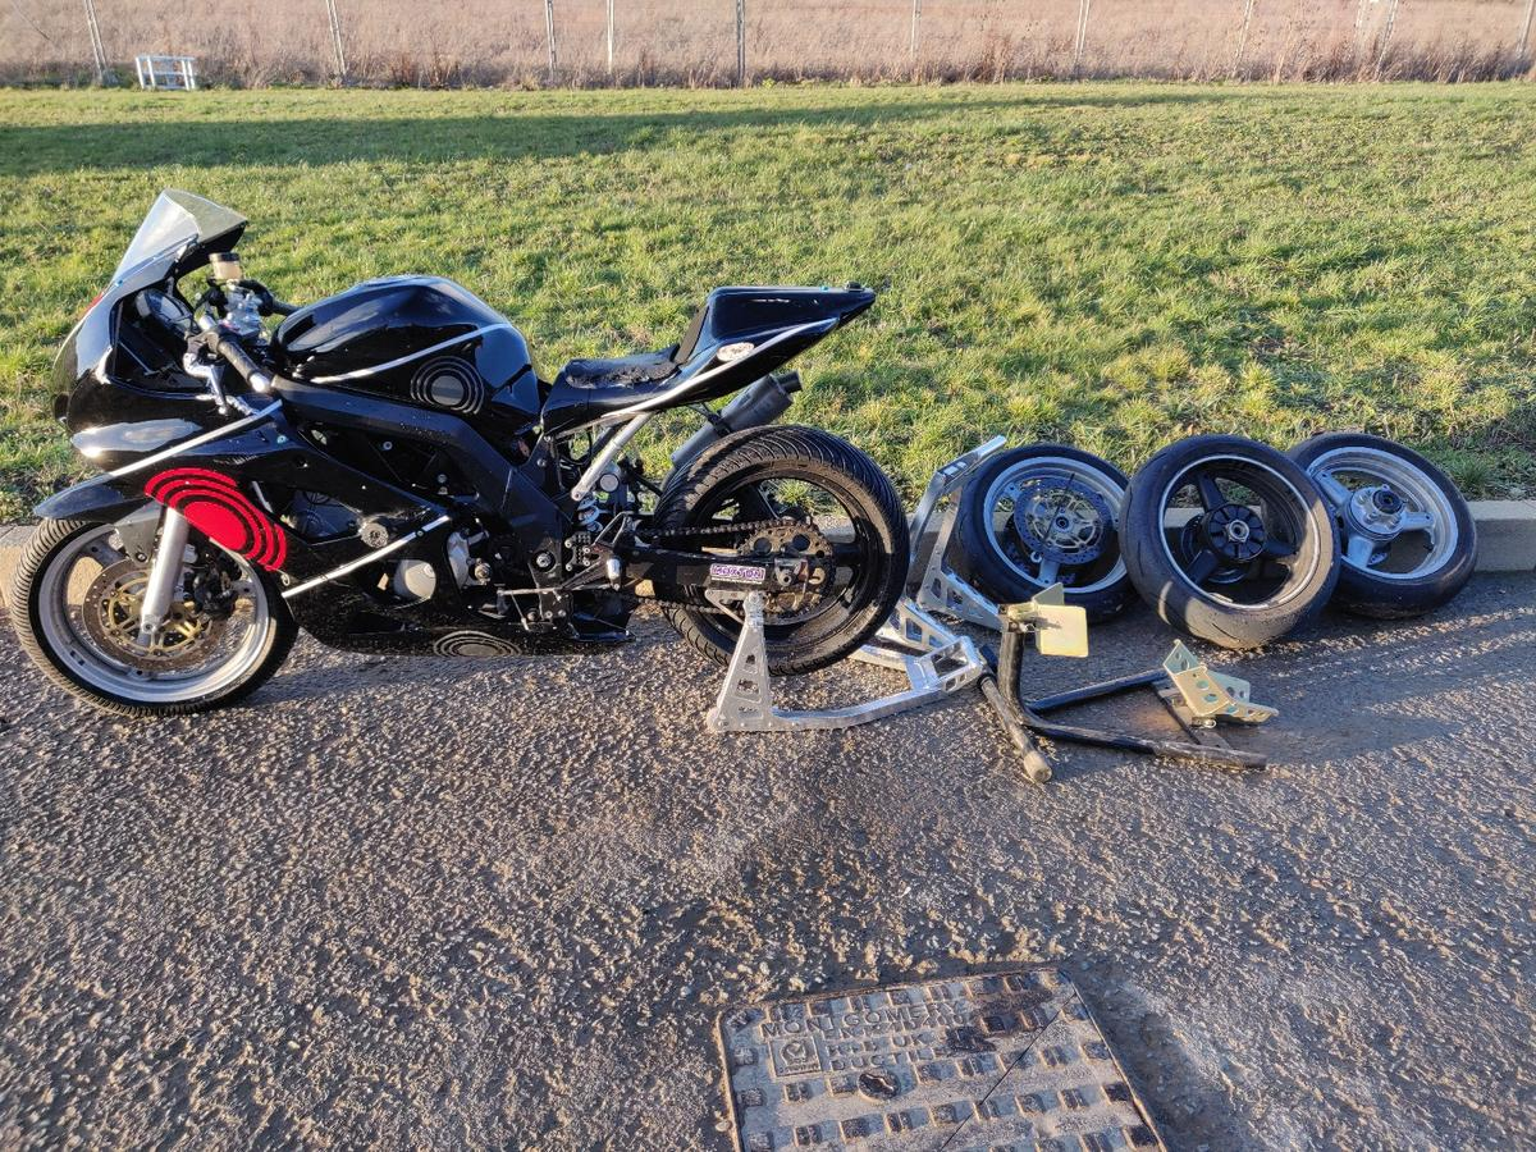 sv650 trackbike racebike minitwin in